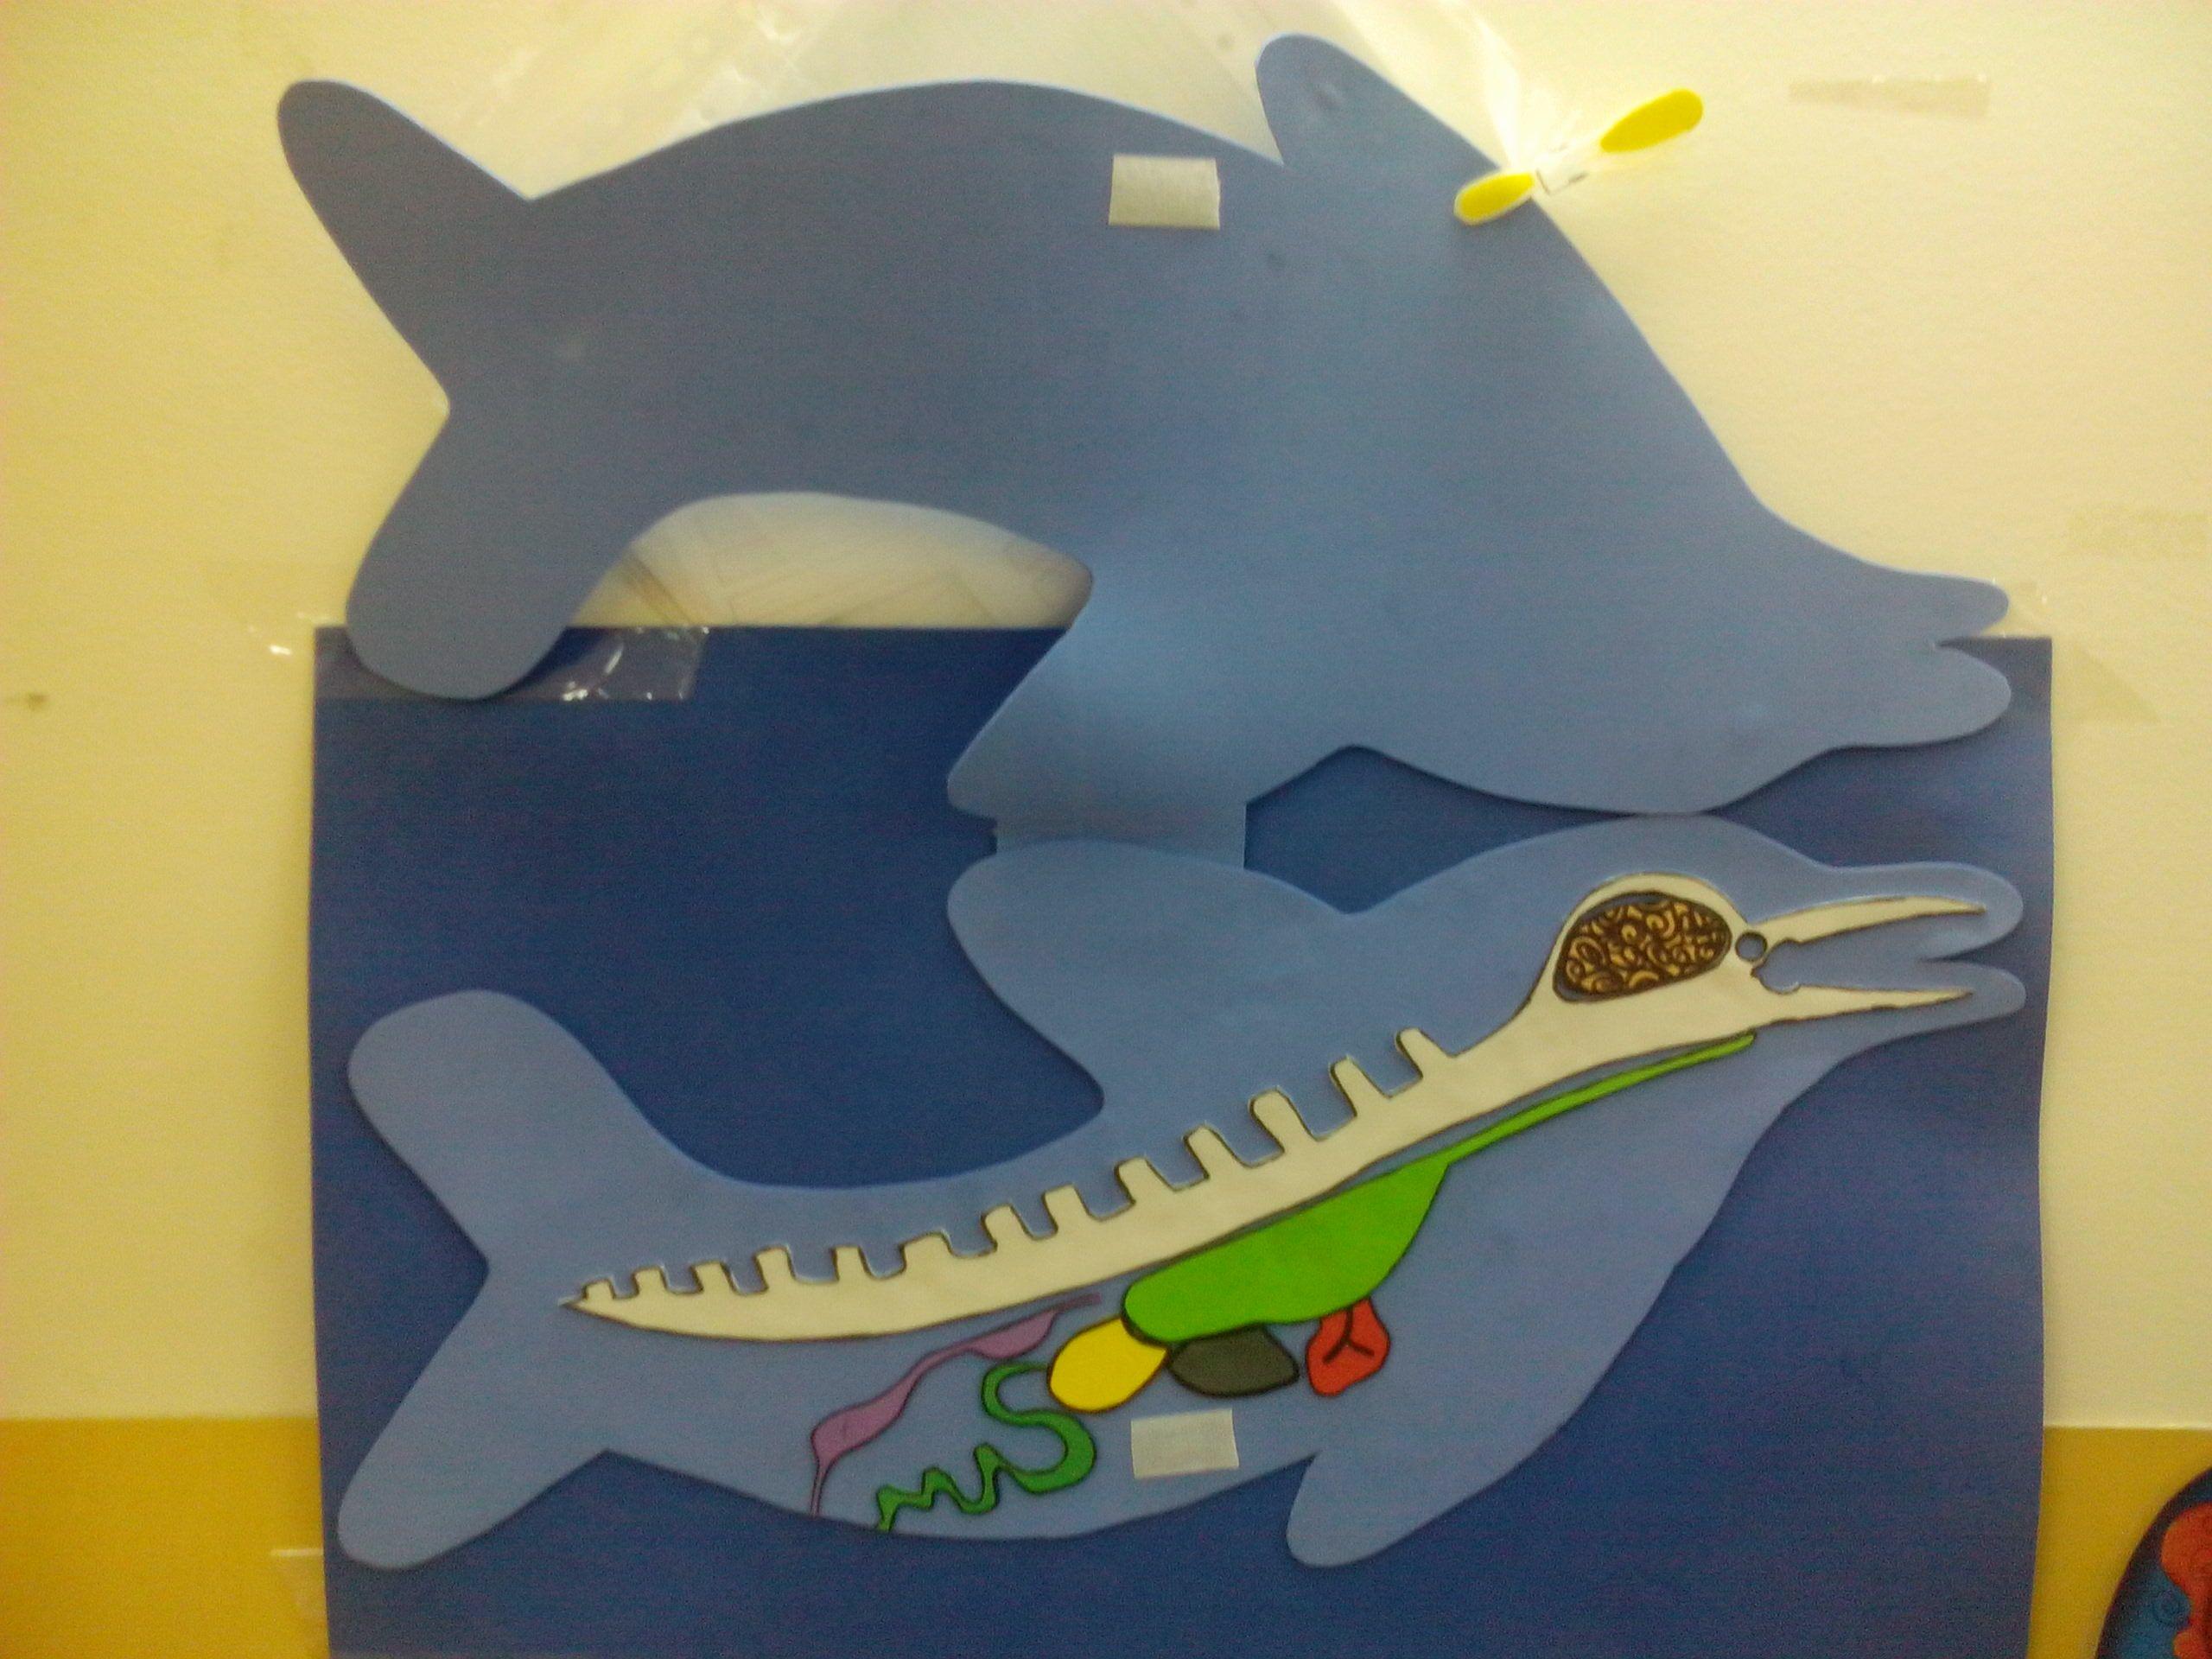 El delfín por dentro   Delfines   Pinterest   Delfines, El mar y El ...